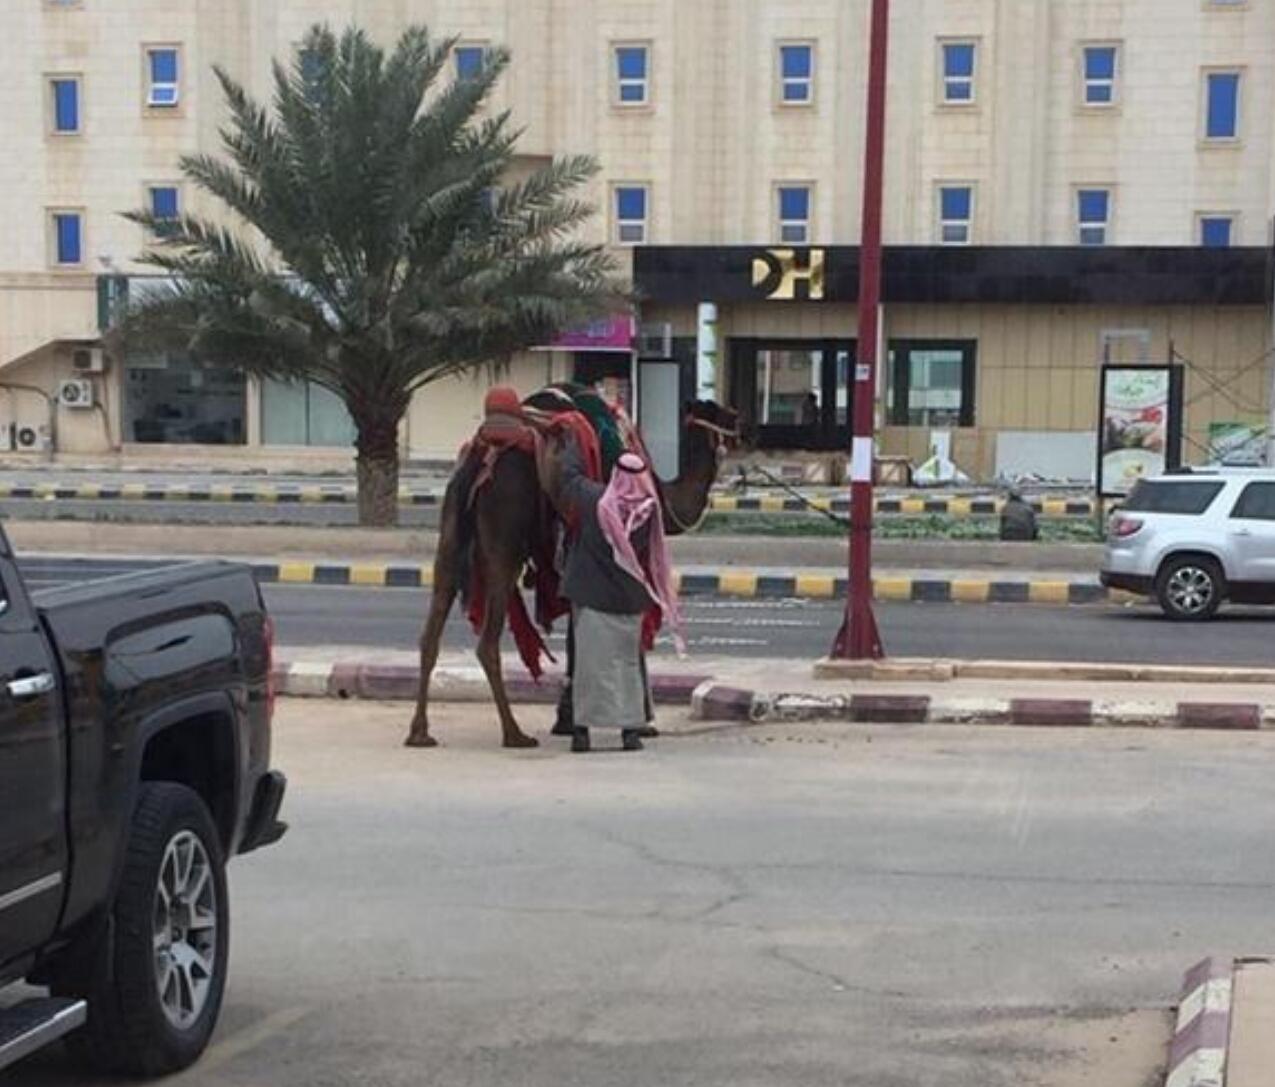 بالصور .. مواطن يراجع البنك برفقة بعيره.. ويربطه في المواقف